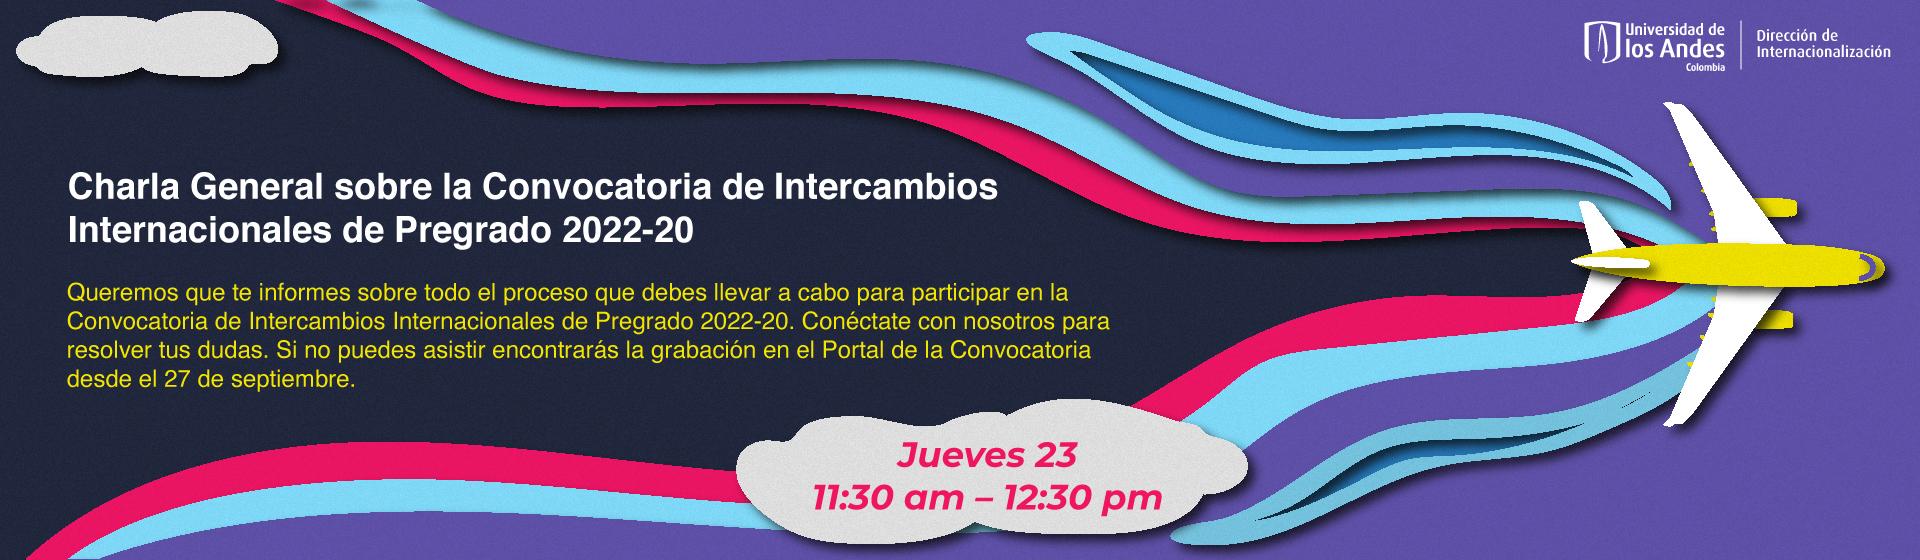 Charla General sobre la Convocatoria de Intercambios Internacionales de Pregrado 2022-20